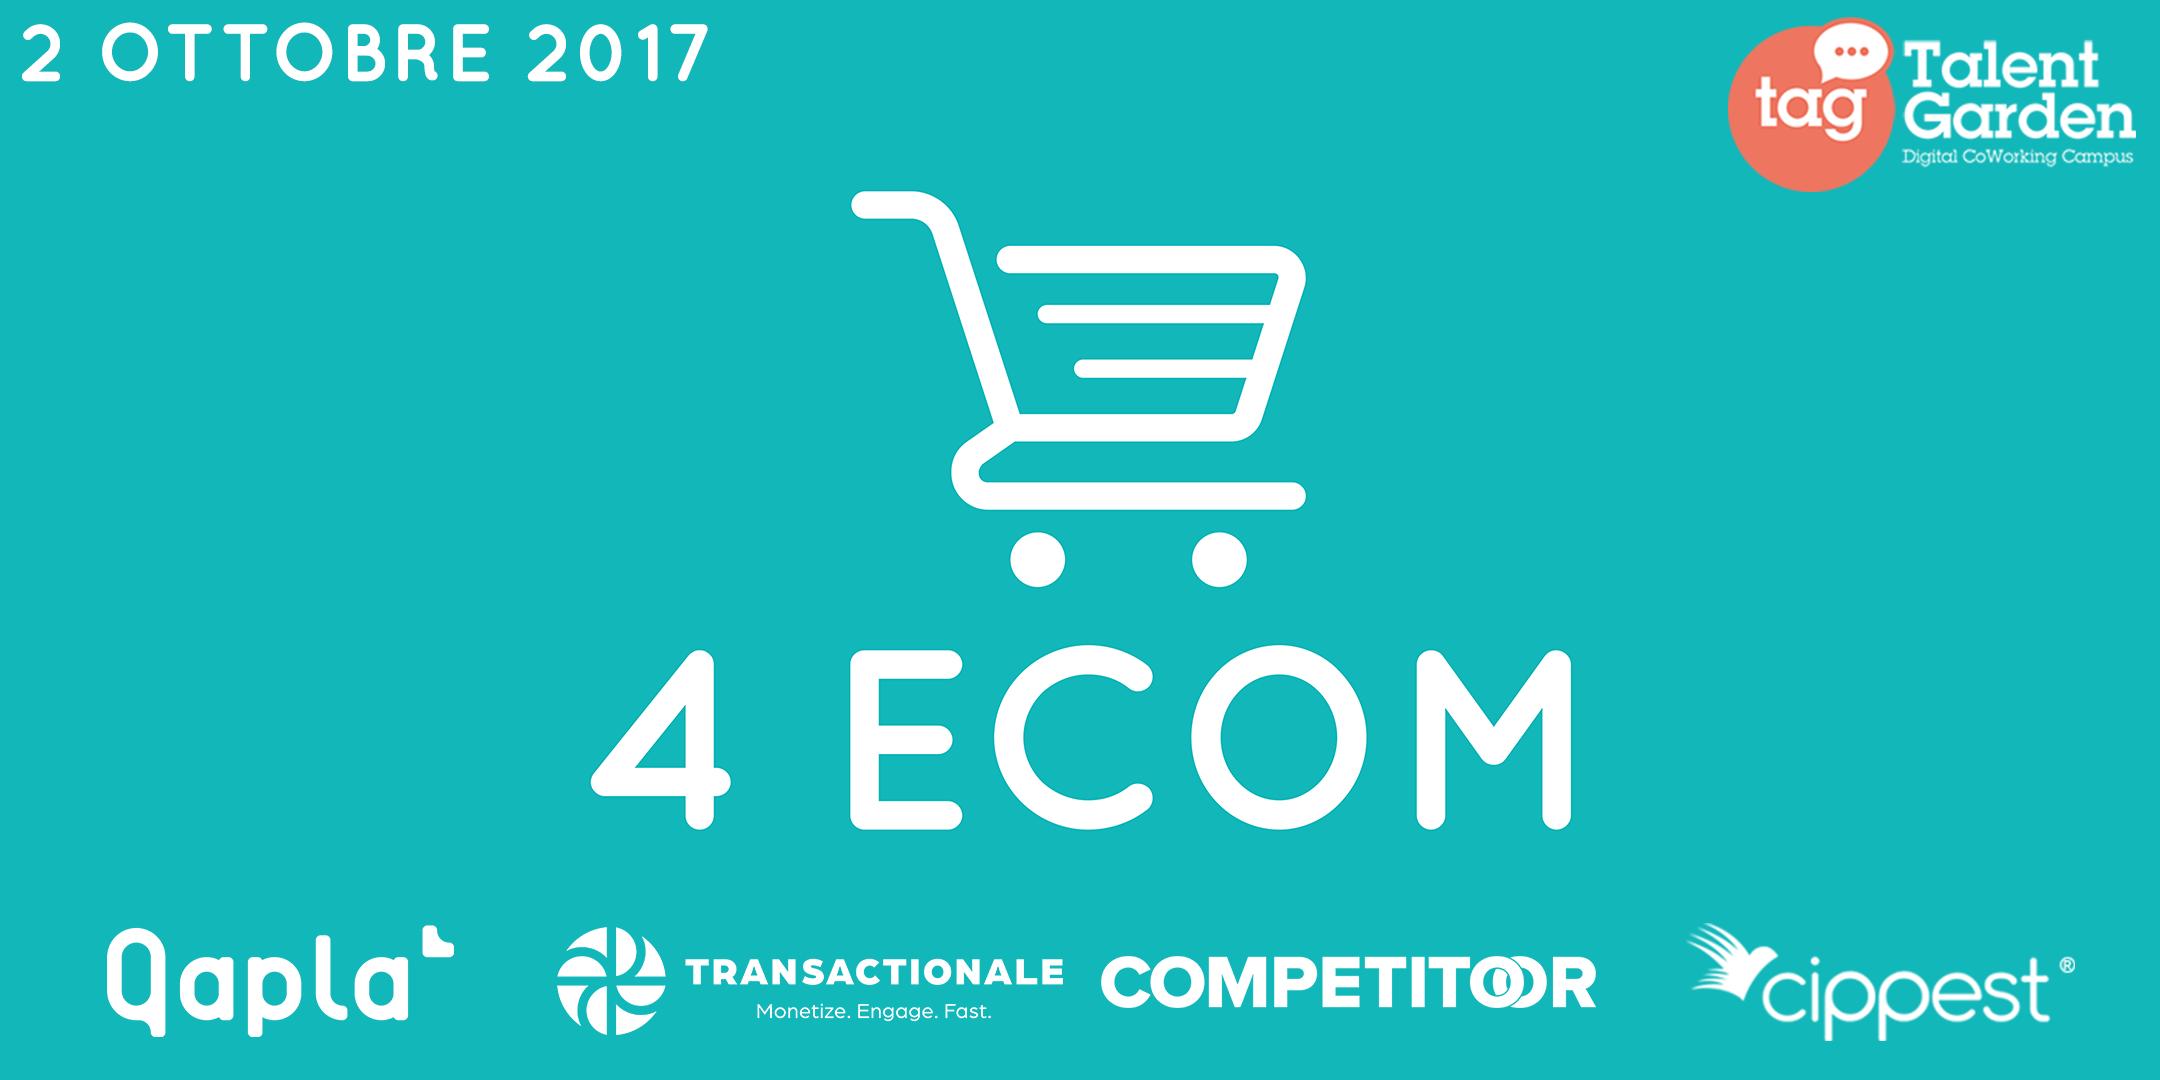 Novità autunnale per l'eCommerce: in arrivo la prima edizione di 4eCom